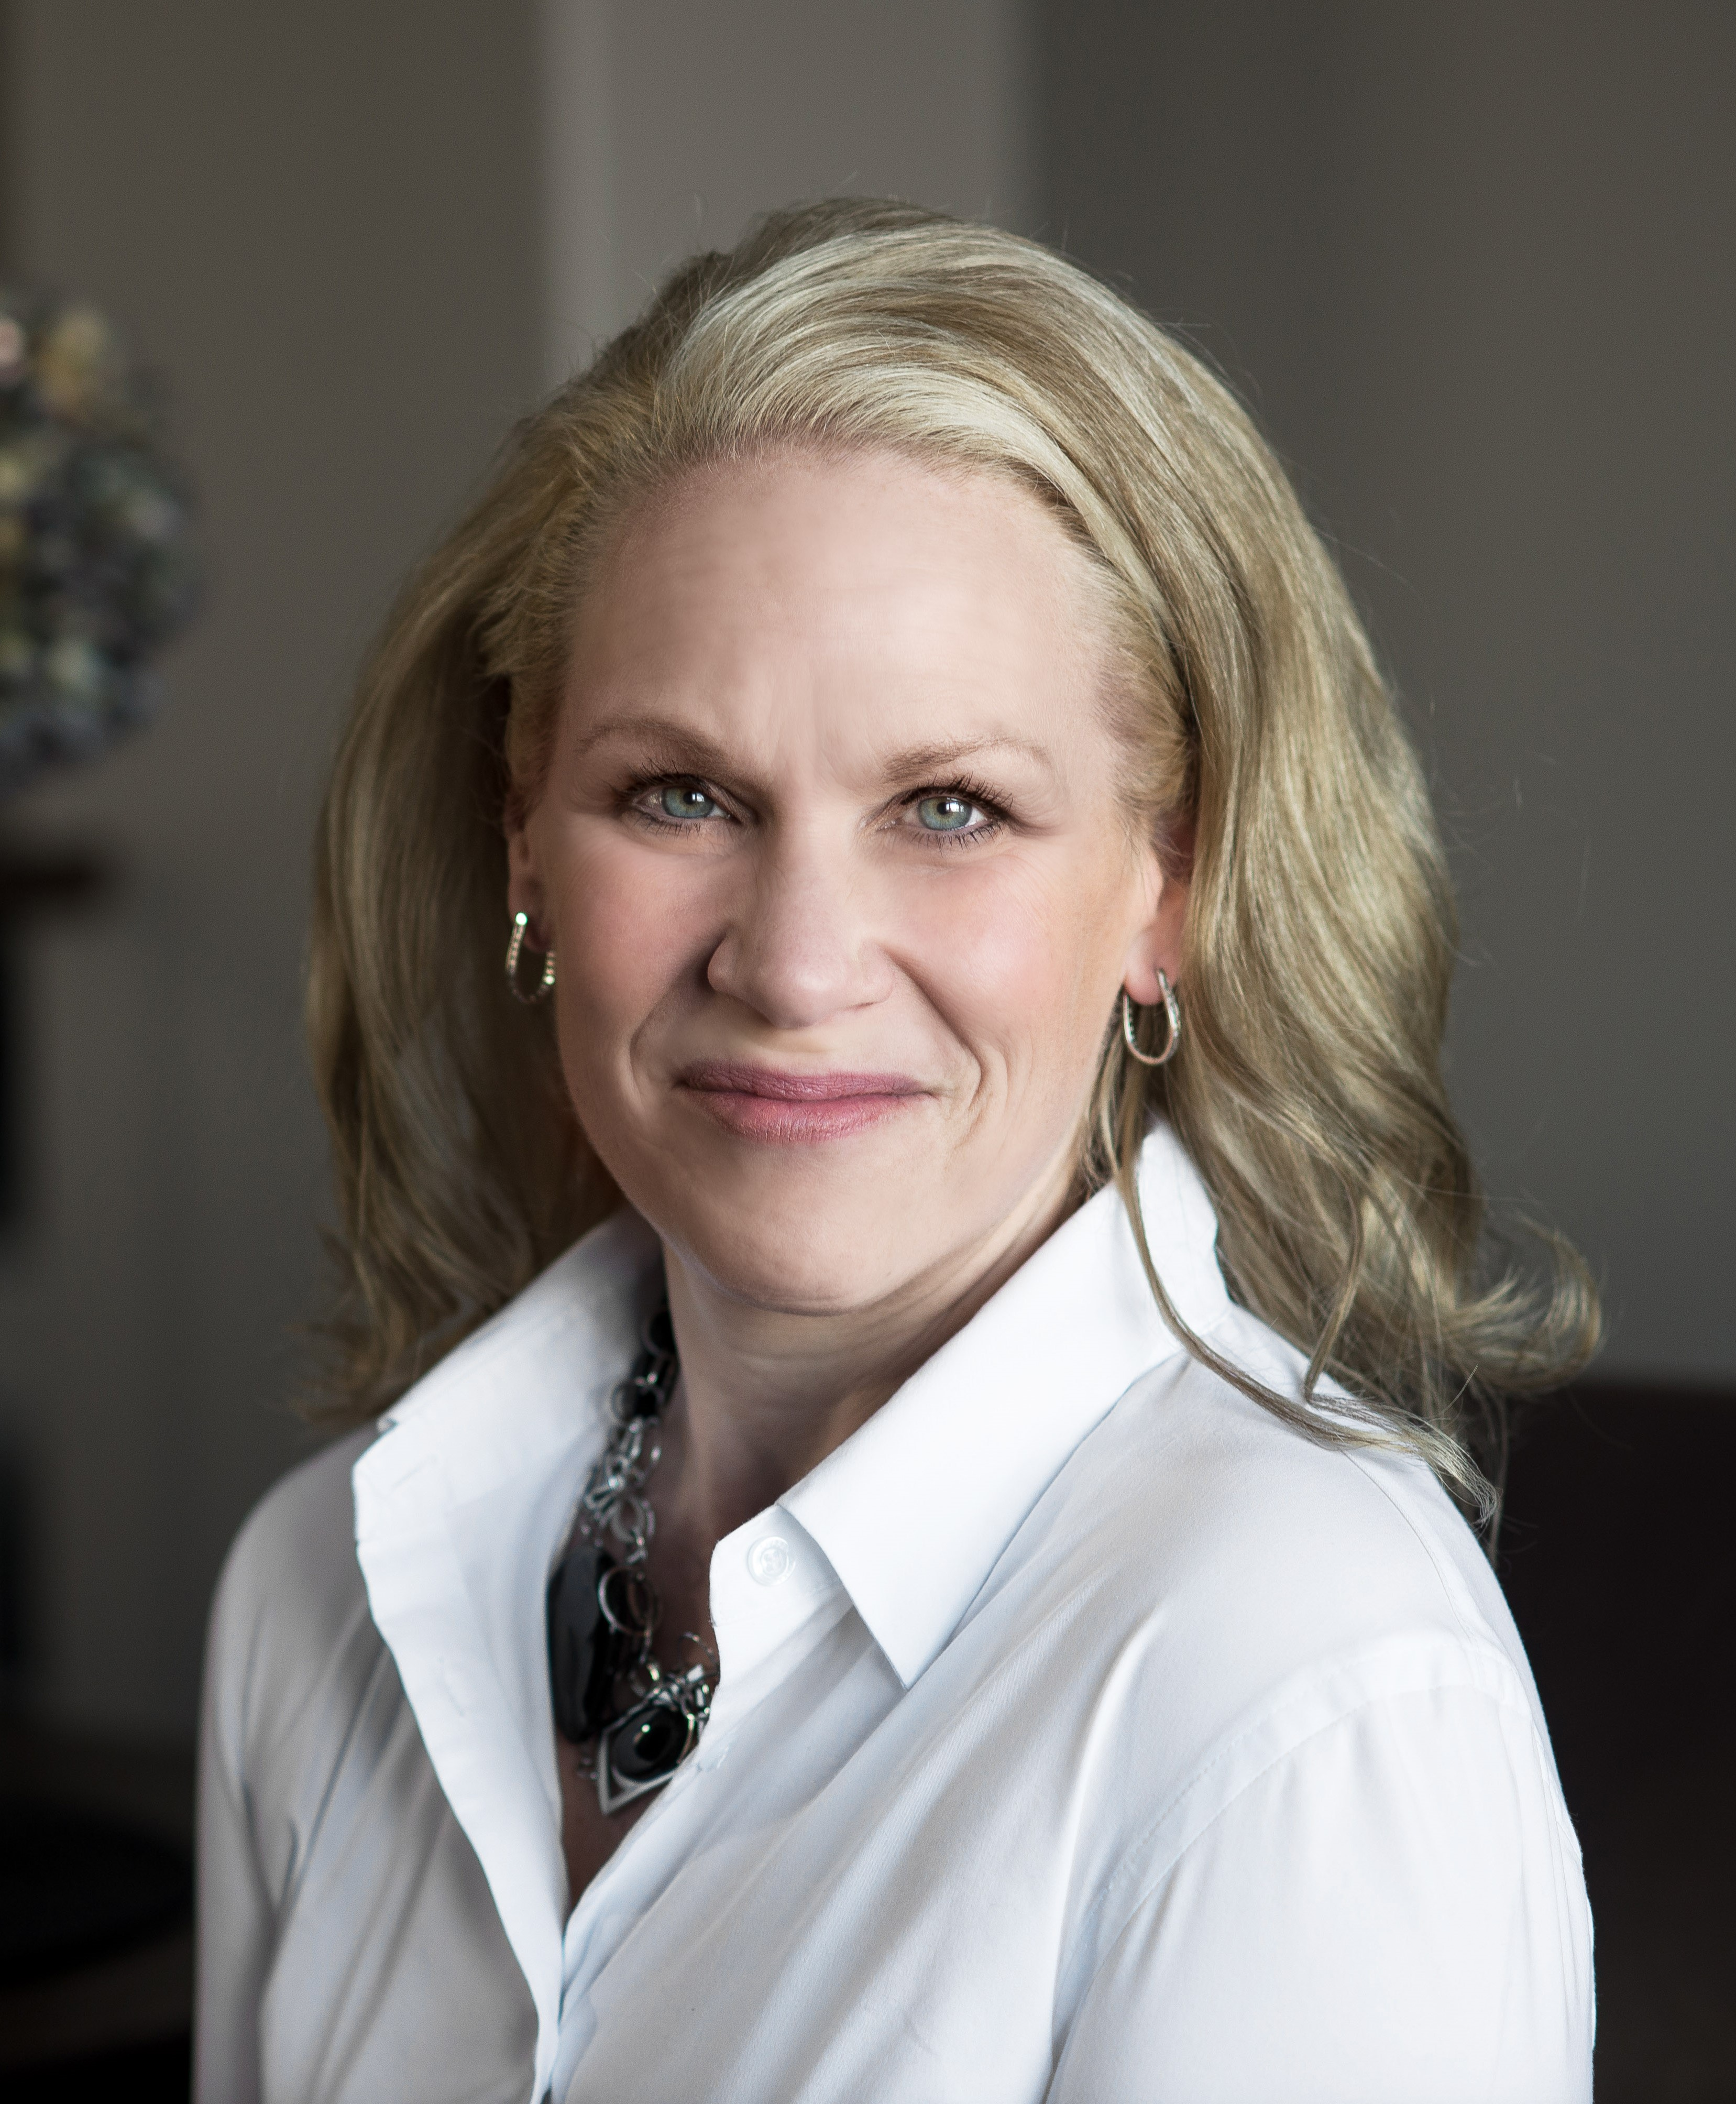 Dr. Jennifer Knopp-Sihota